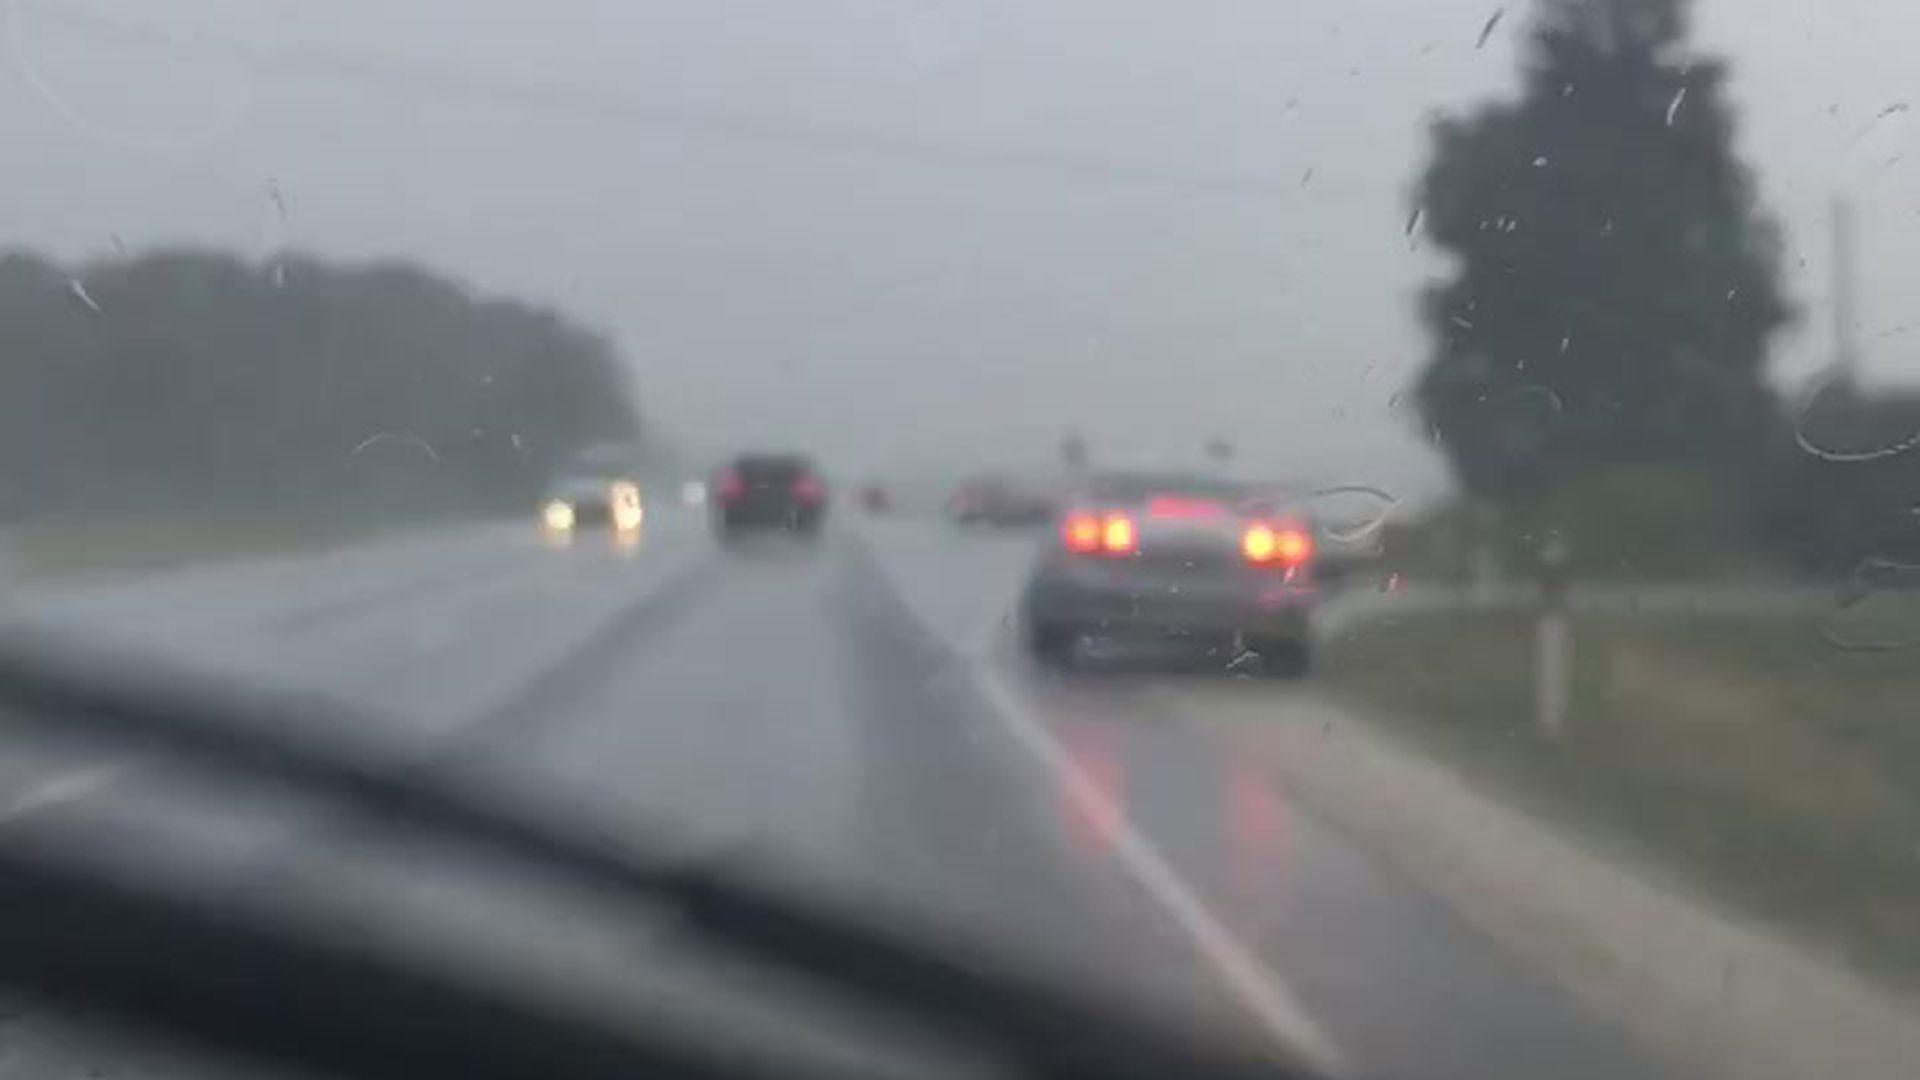 d9277b18a7f Video: tugev äike Kesk-Eestis peatas Tallinna-Tartu maanteel liikluse -  Postimees: Värsked uudised Eestist ja välismaalt